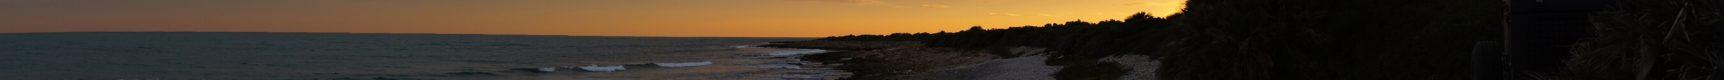 Sunset Serra d'Irta